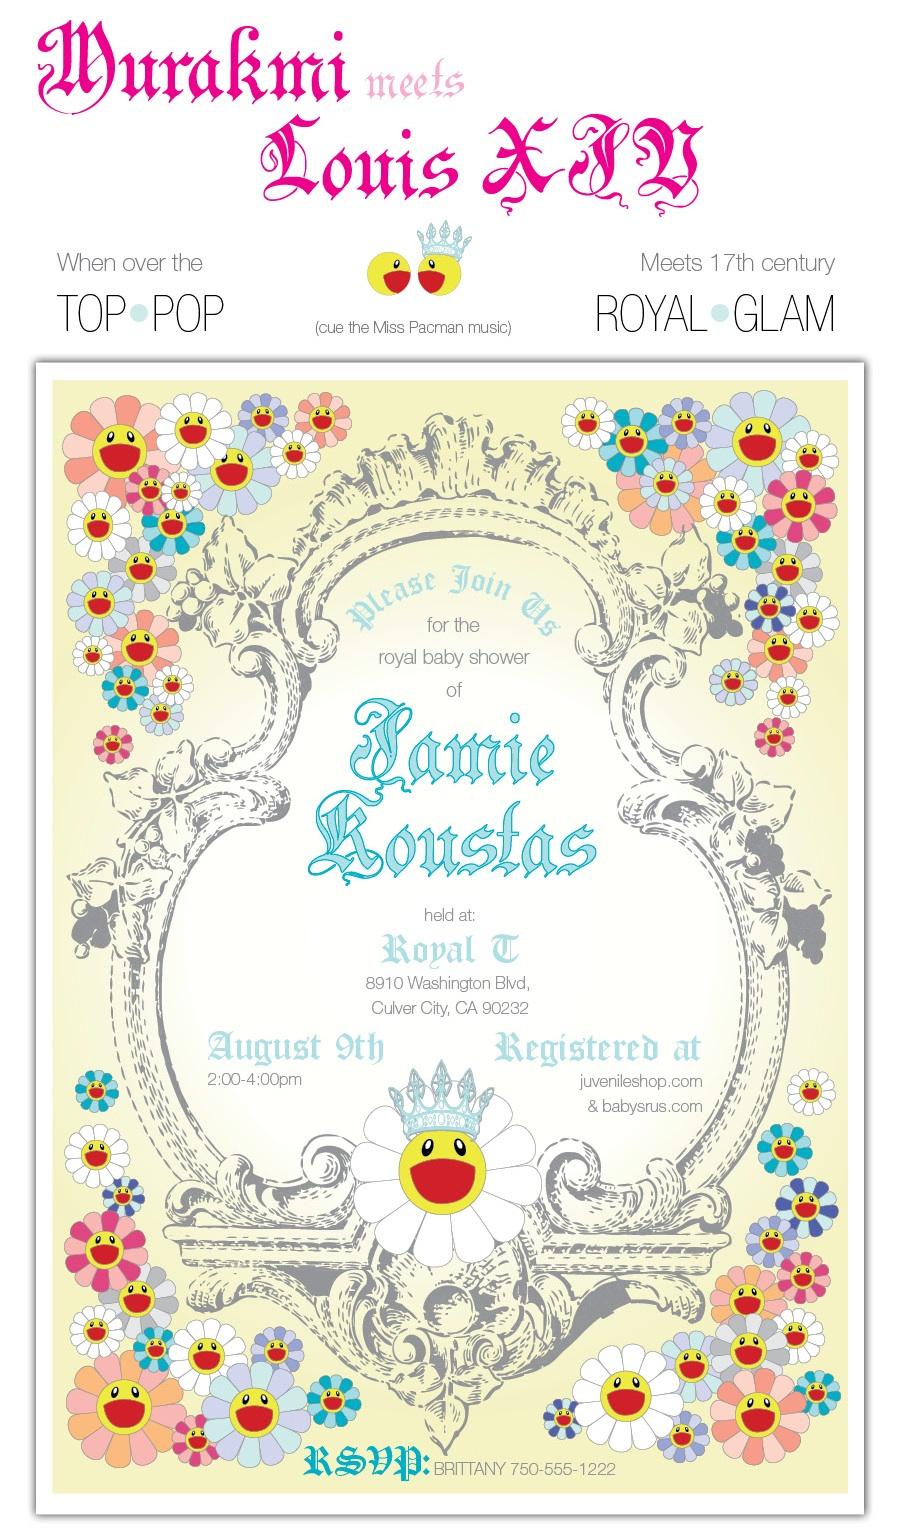 ... by Vanessa , 1st October 2010, Categories: Inspiration , Invitation